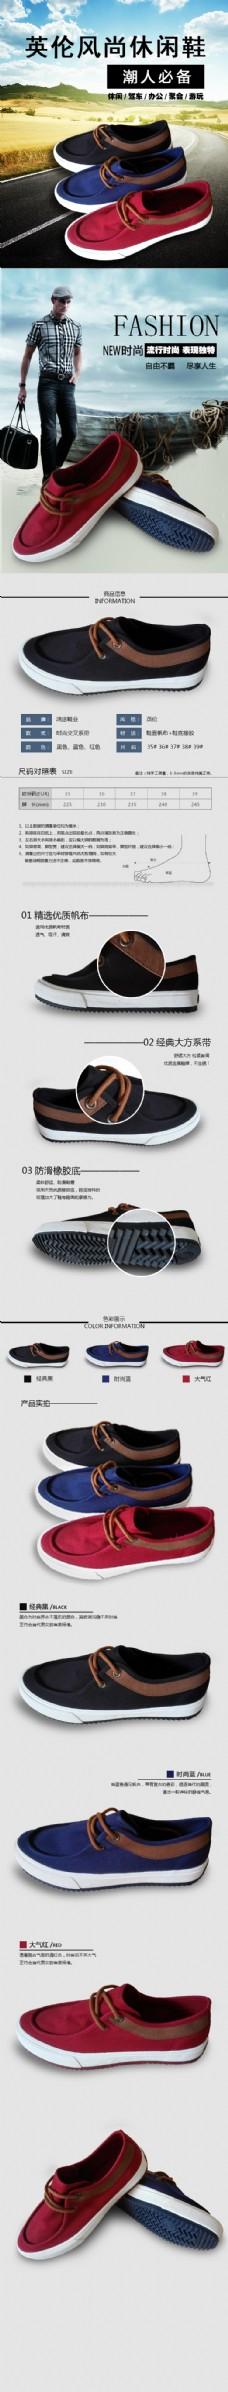 时尚英伦鞋子详情海报